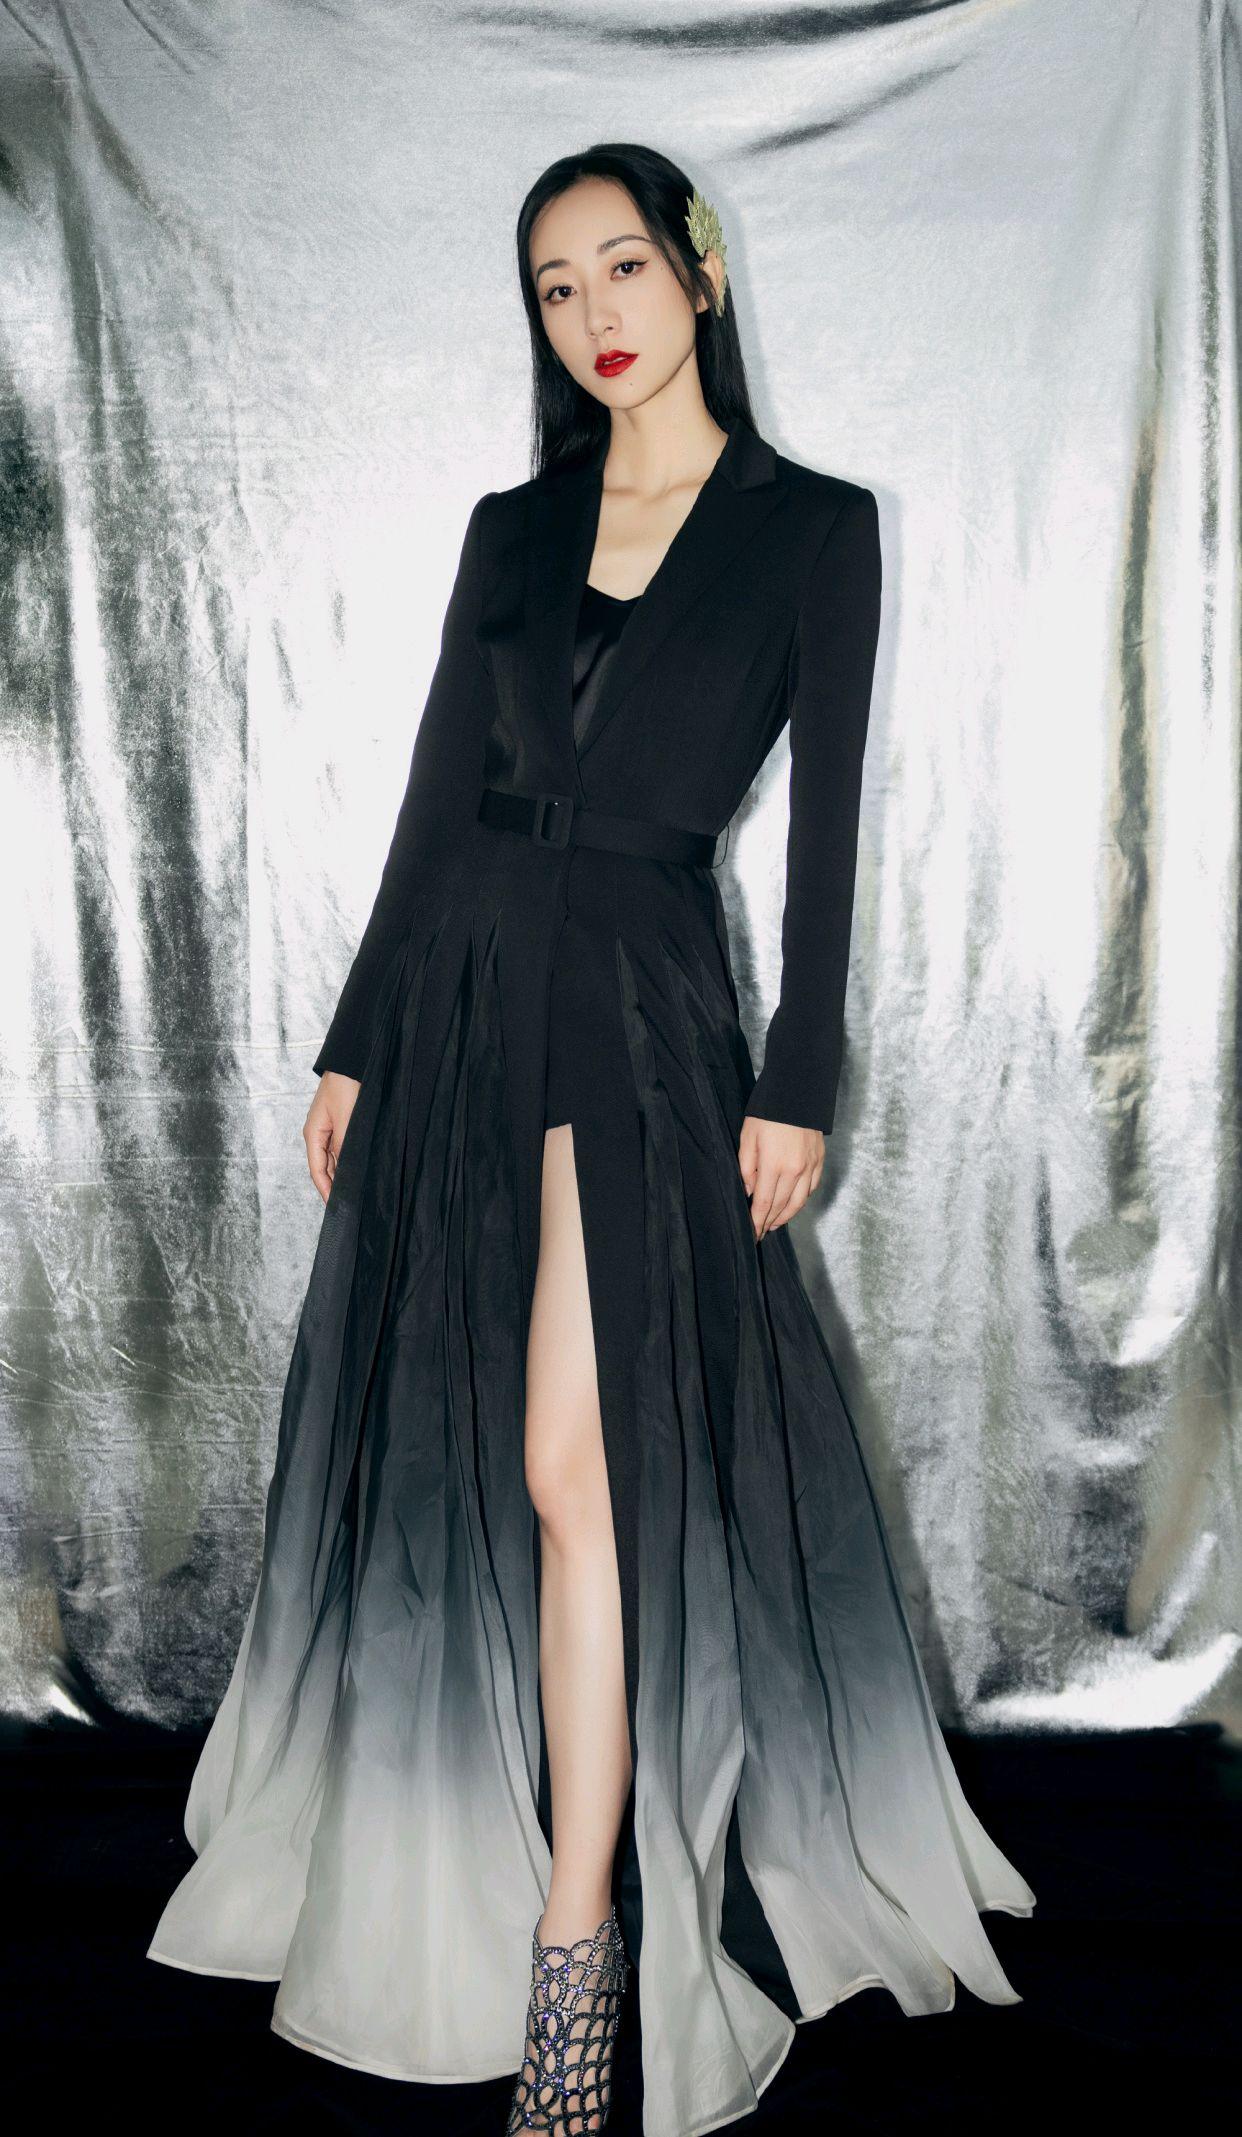 韩雪高级穿搭又来了,渐变色西装裙配直发造型,干练又不乏时尚感